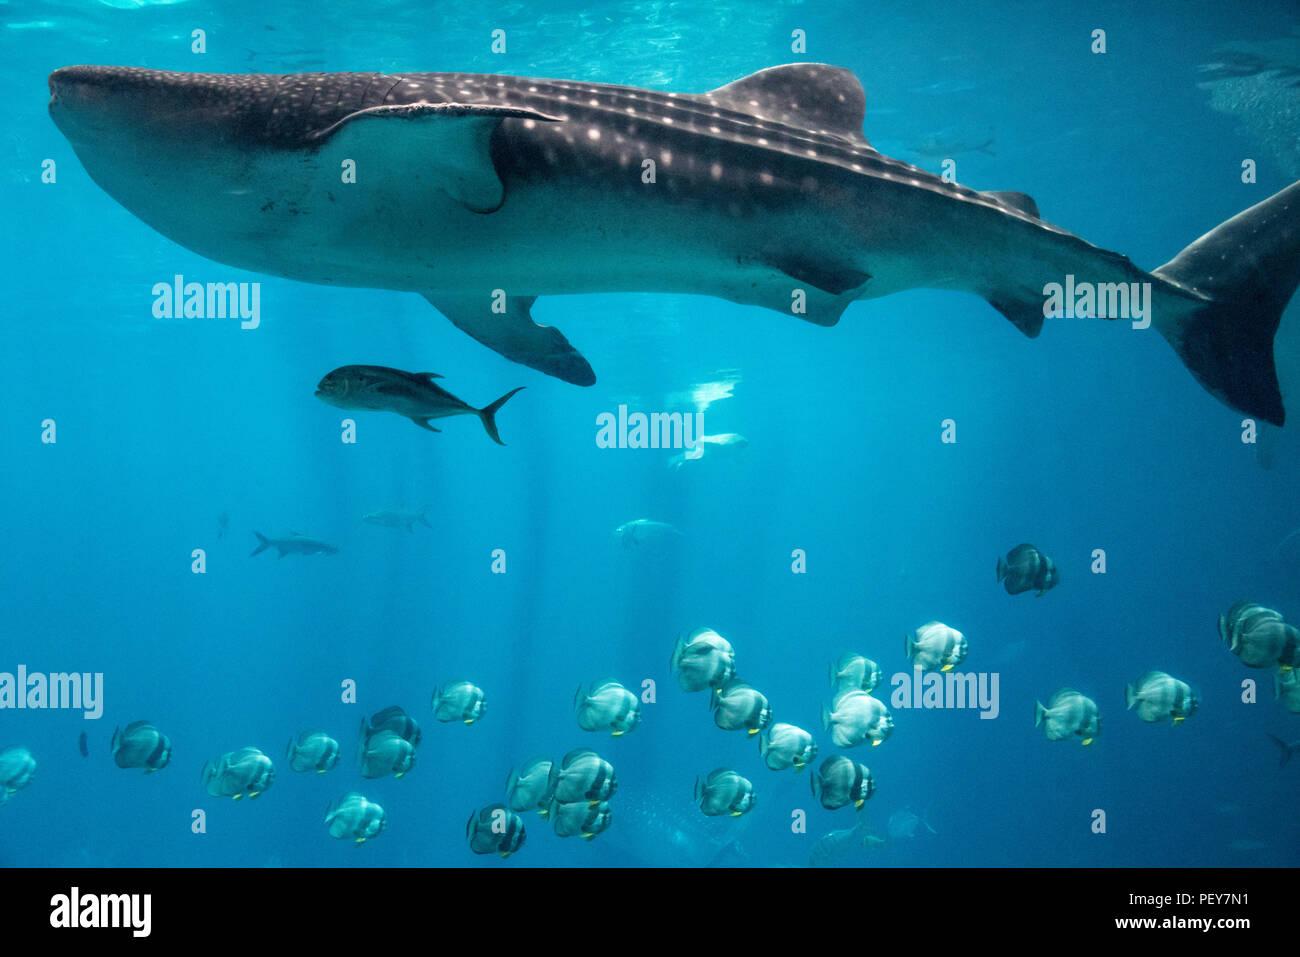 Requin baleine massif dans l'océan Voyager réservoir (contenant 6,3 millions de gallons américains d'eau) à l'Aquarium de Géorgie à Atlanta, Géorgie. (USA) Banque D'Images